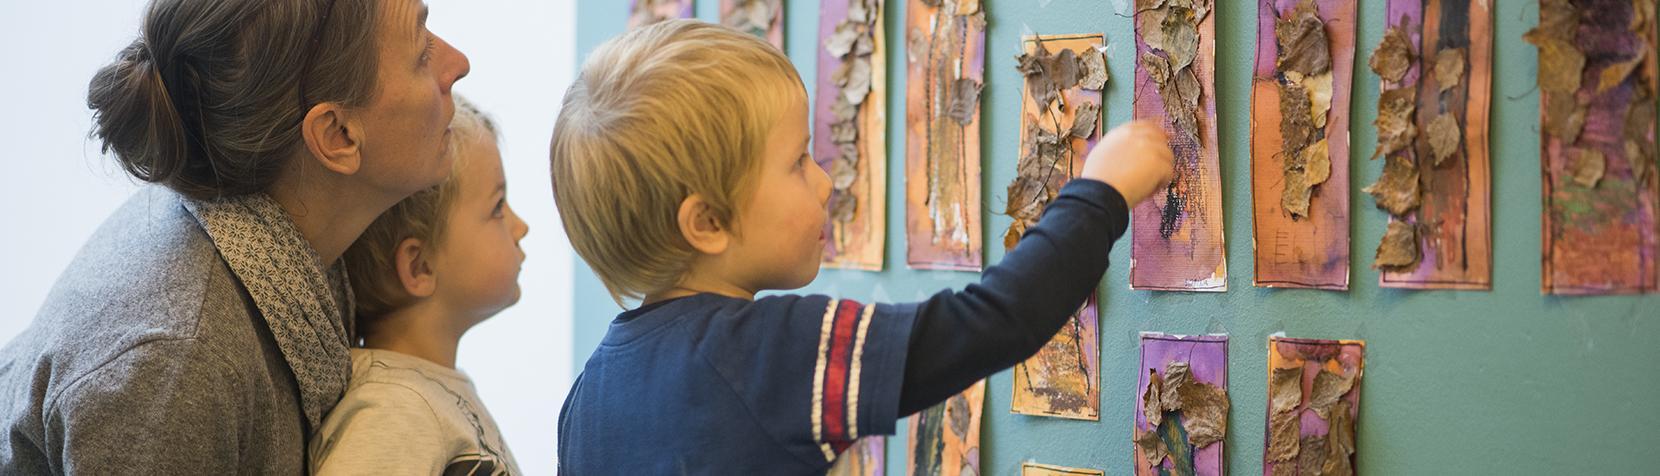 Børn og pædagog kigger på blomstertryk